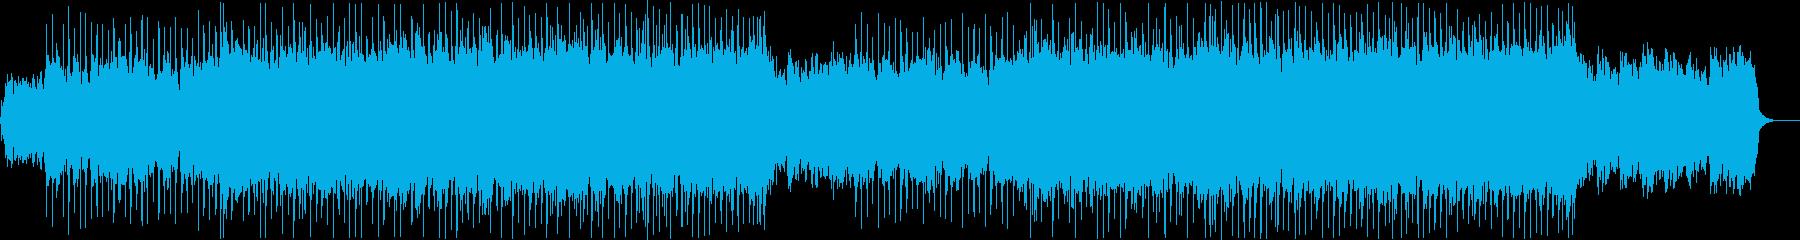 爽やかでポップなエレキギターのBGMの再生済みの波形